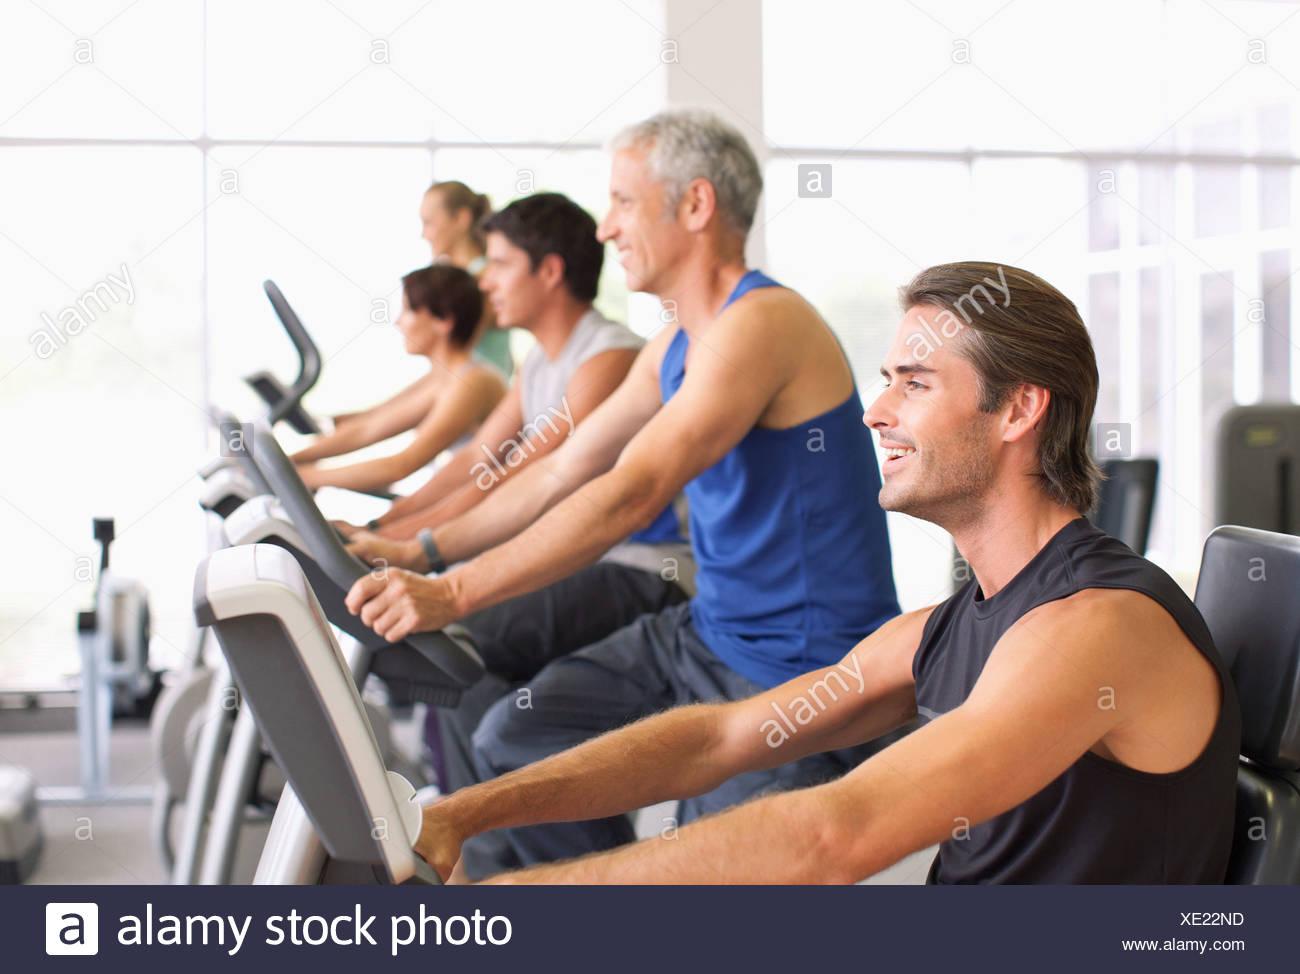 Menschen arbeiten auf Trainingsgeräten im gymnasium Stockbild